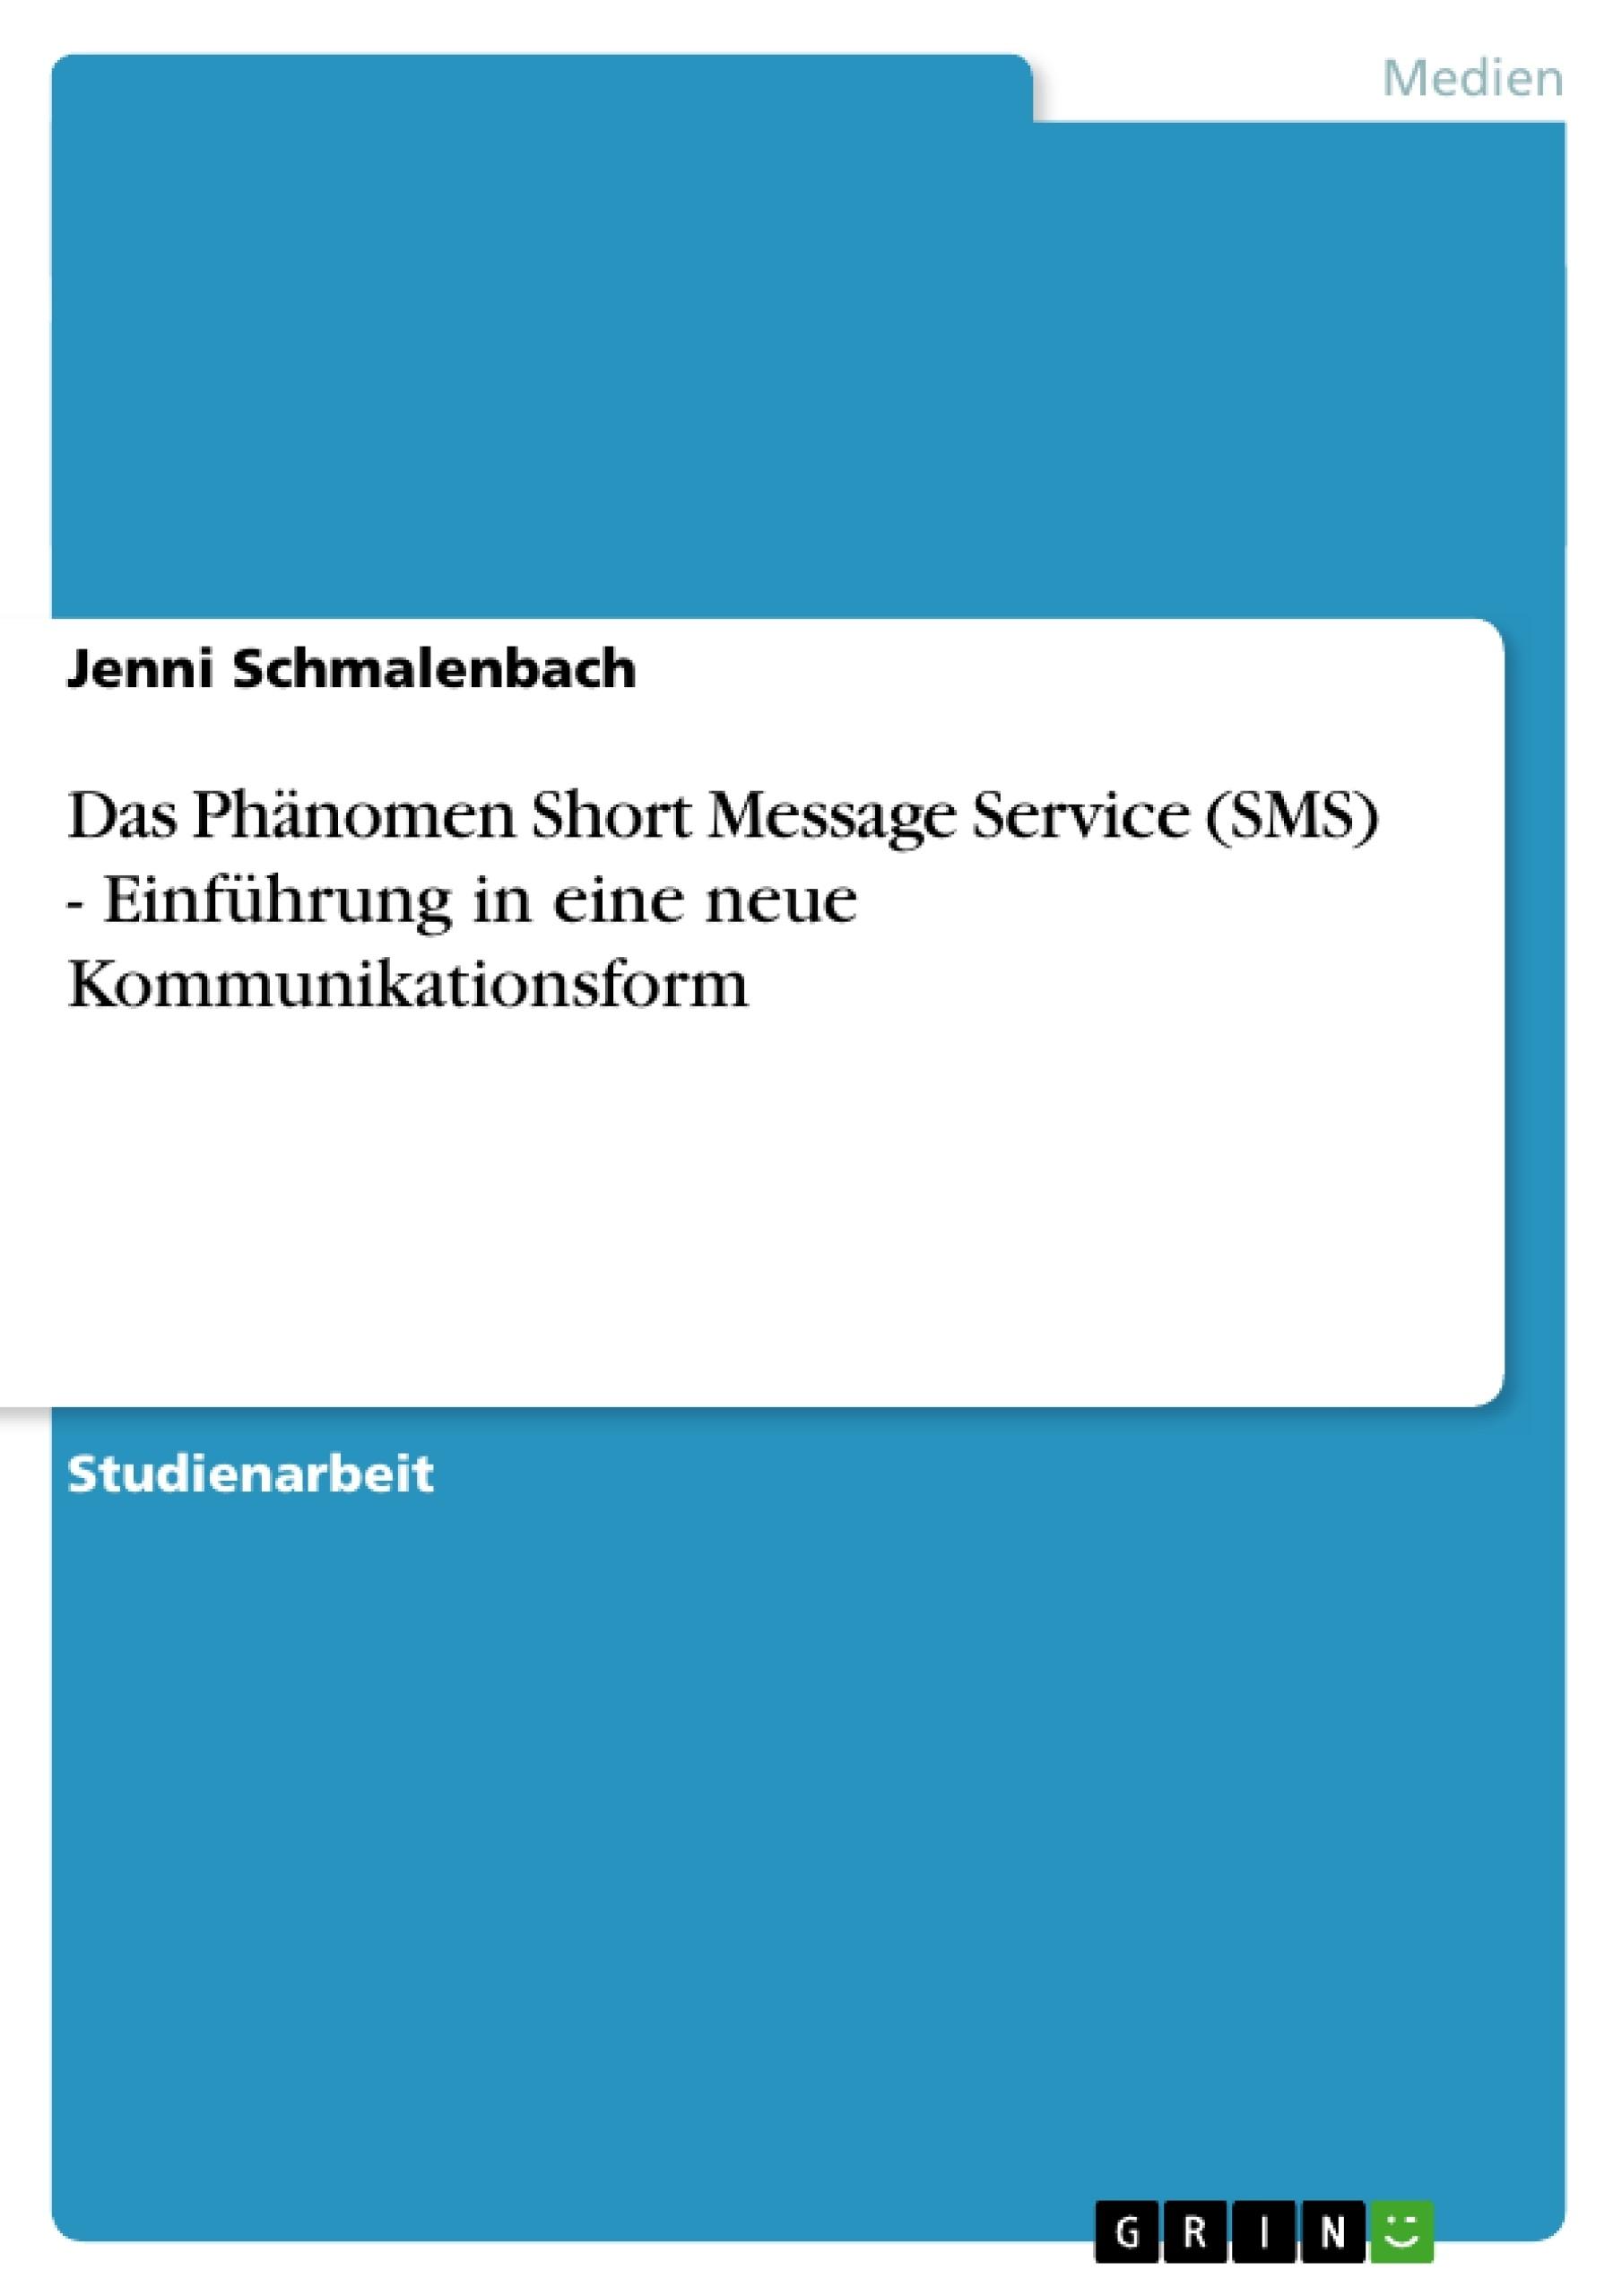 Titel: Das Phänomen Short Message Service (SMS) - Einführung in eine neue Kommunikationsform